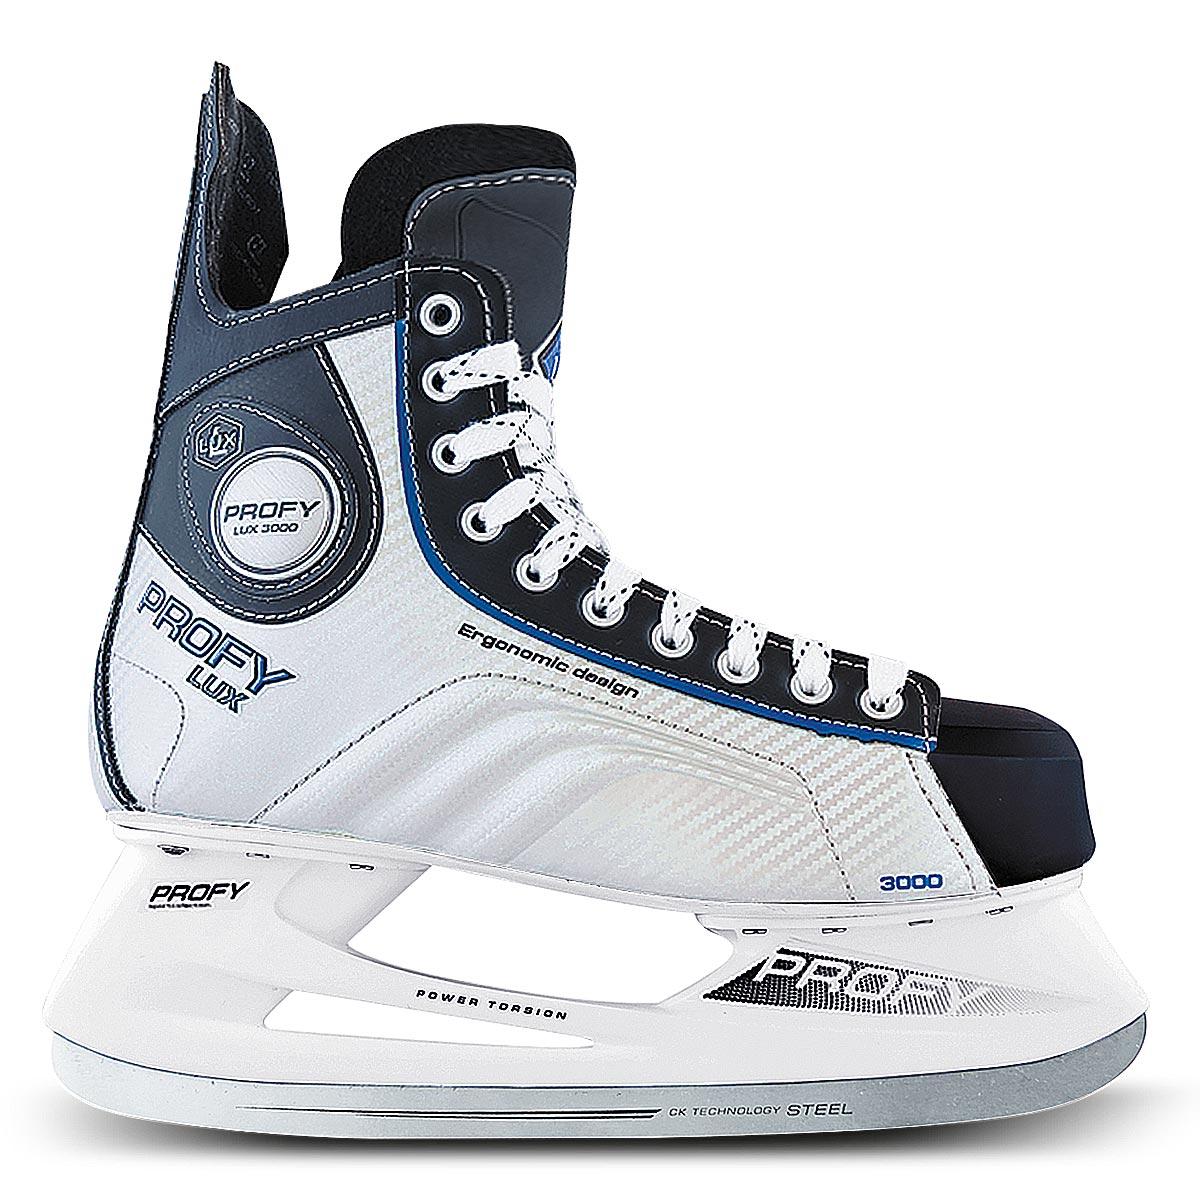 Коньки хоккейные мужские СК Profy Lux 3000, цвет: черный, серебряный, синий. Размер 37PROFY LUX 3000 Blue_37Стильные мужские коньки от CK Profy Lux 3000 Blue прекрасно подойдут для начинающих игроков в хоккей. Ботинок выполнен из морозоустойчивой искусственной кожи и резистентного ПВХ. Мыс дополнен вставкой, которая защитит ноги от ударов. Внутренний слой и стелька изготовлены из мягкого трикотажа, который обеспечит тепло и комфорт во время катания, язычок - из войлока. Плотная шнуровка надежно фиксирует модель на ноге. Голеностоп имеет удобный суппорт. По бокам, на язычке и заднике коньки декорированы принтом и тиснением в виде логотипа бренда. Подошва - из твердого пластика. Стойка выполнена из ударопрочного поливинилхлорида. Лезвие из углеродистой нержавеющей стали обеспечит превосходное скольжение.